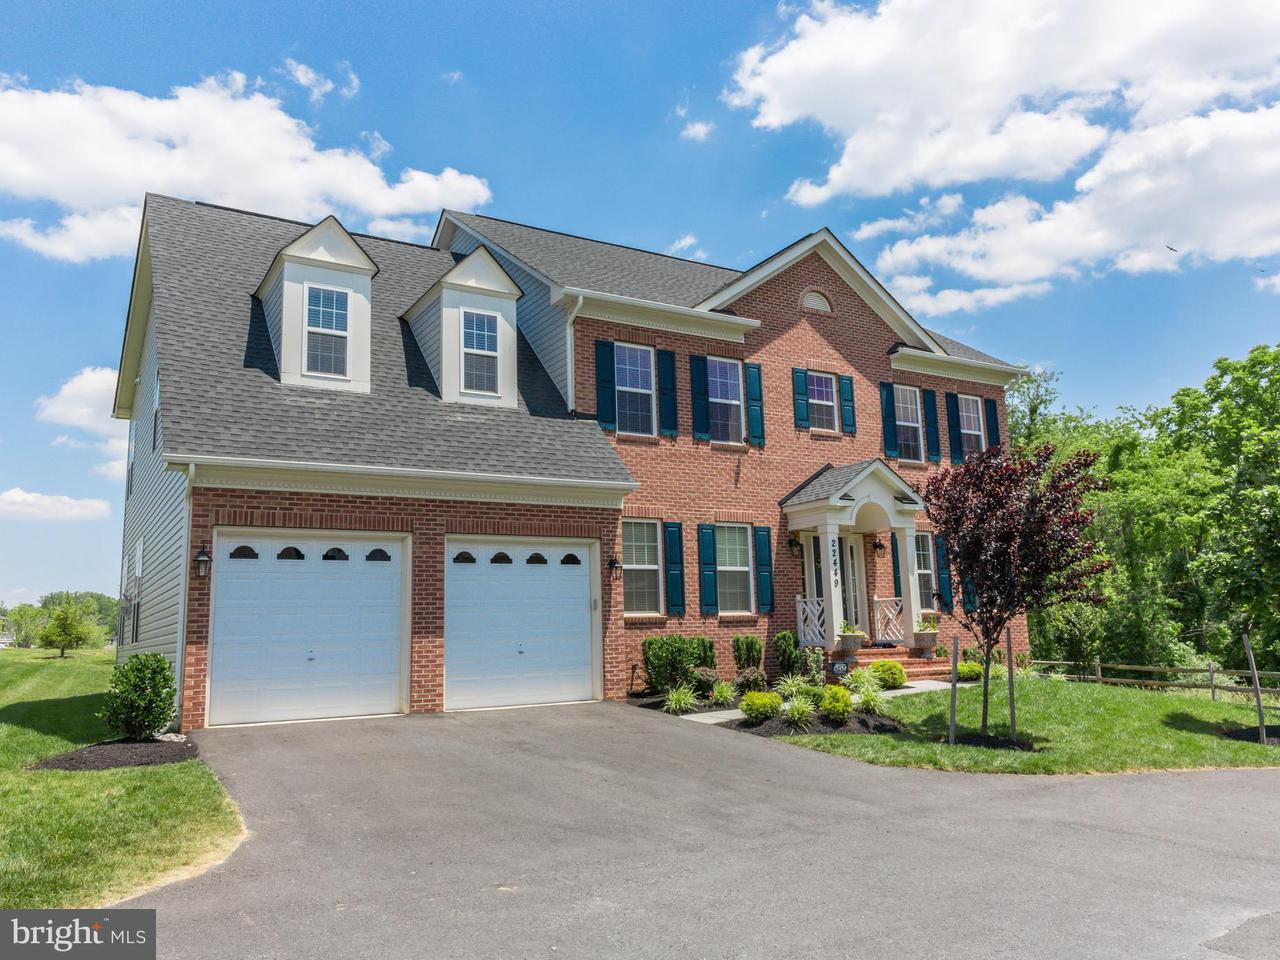 Maison unifamiliale pour l Vente à 22449 WINDING WOODS WAY 22449 WINDING WOODS WAY Clarksburg, Maryland 20871 États-Unis